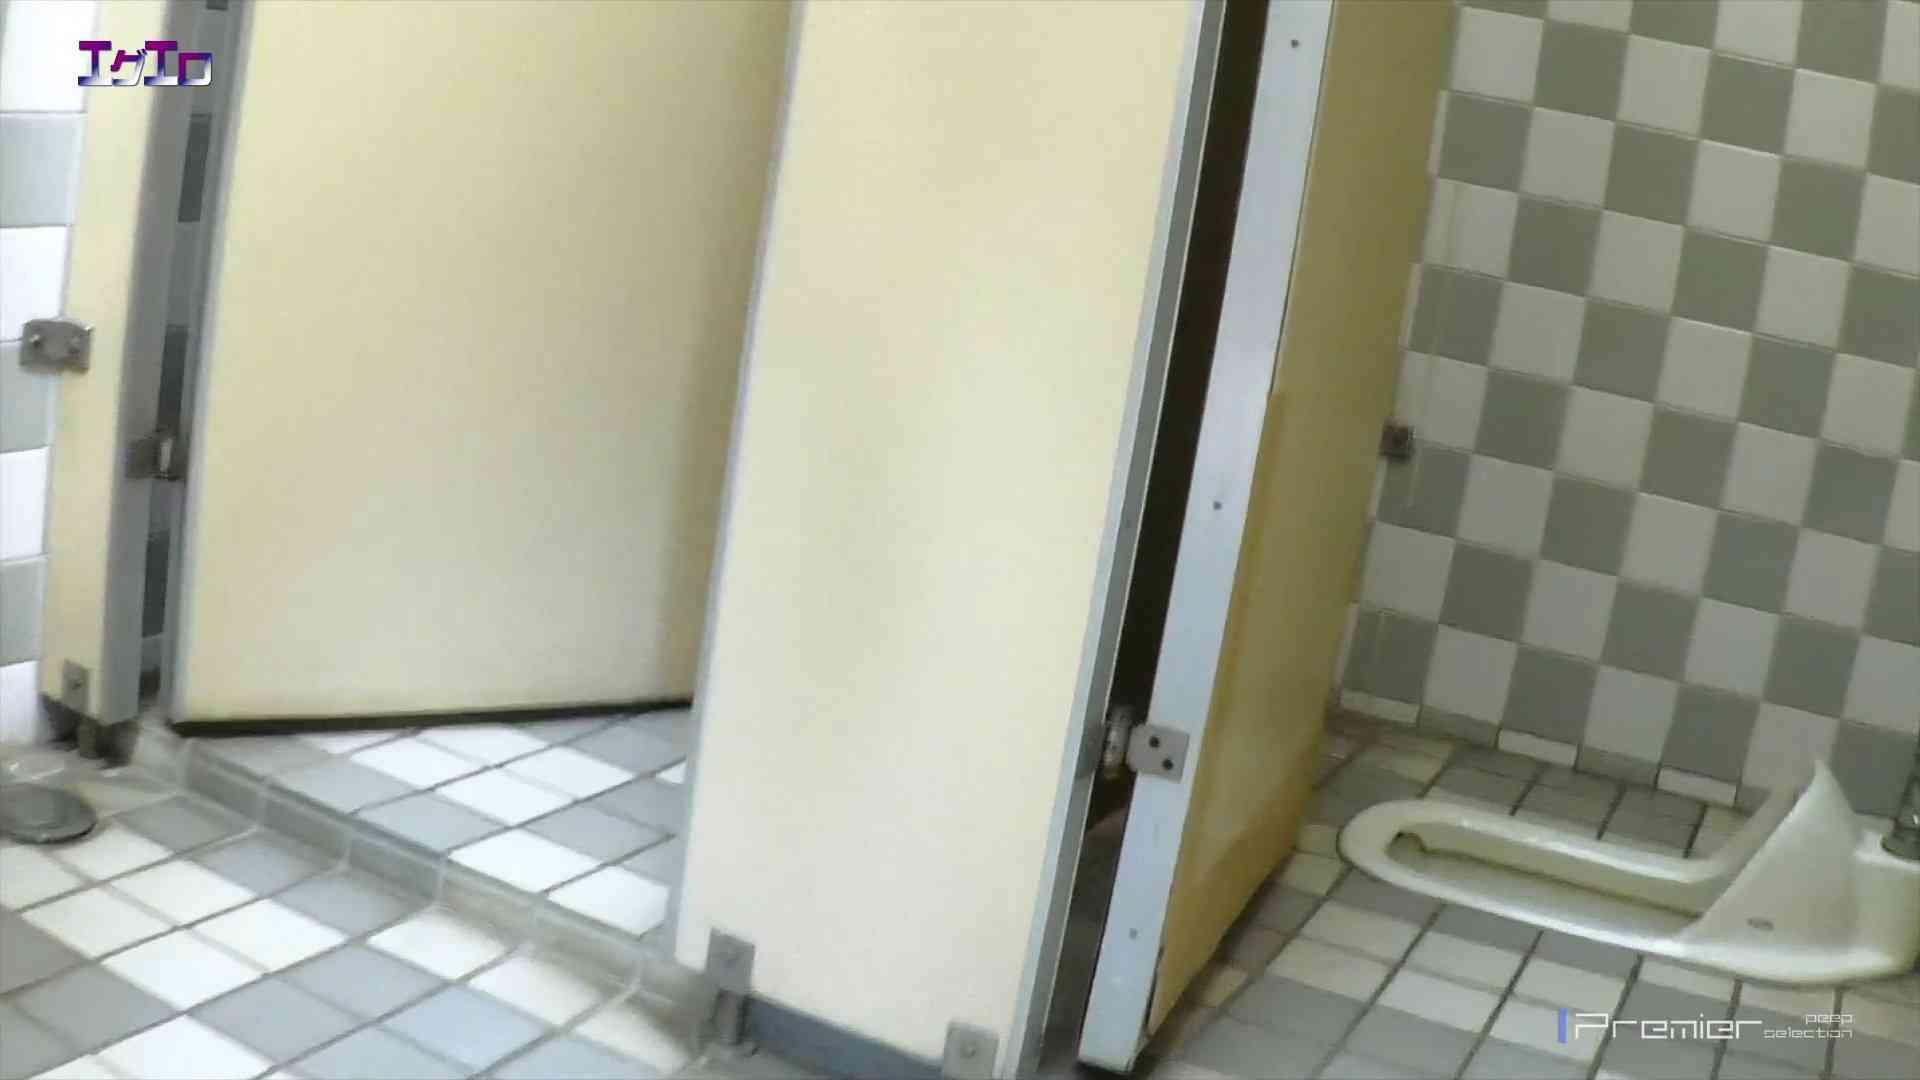 【20位 2016】至近距離洗面所 Vol.01 どうですか?このクオリティ!! 洗面所  42連発 16